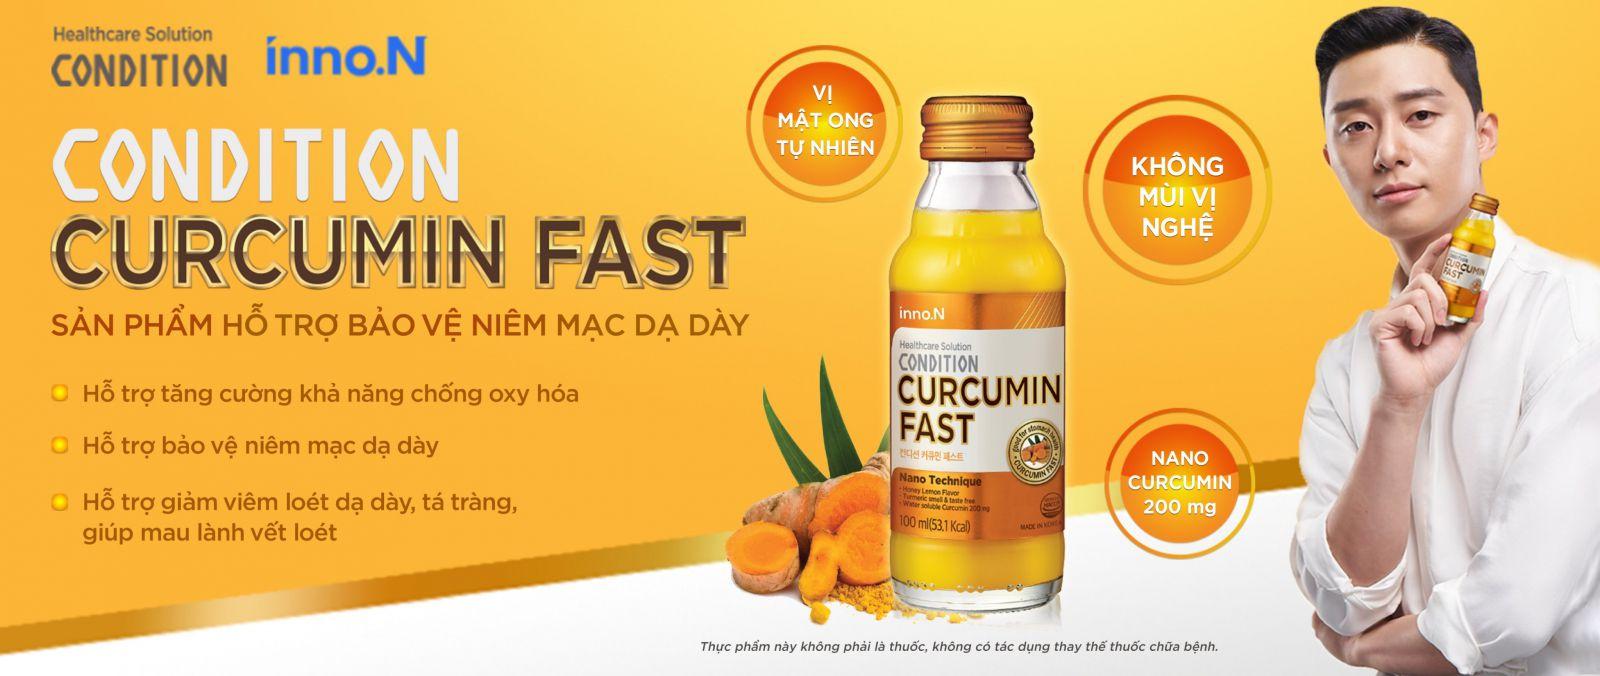 Nước Tinh Nghệ Nano Condition Curcumin Fast Hàn Quốc tạo MP Fruits